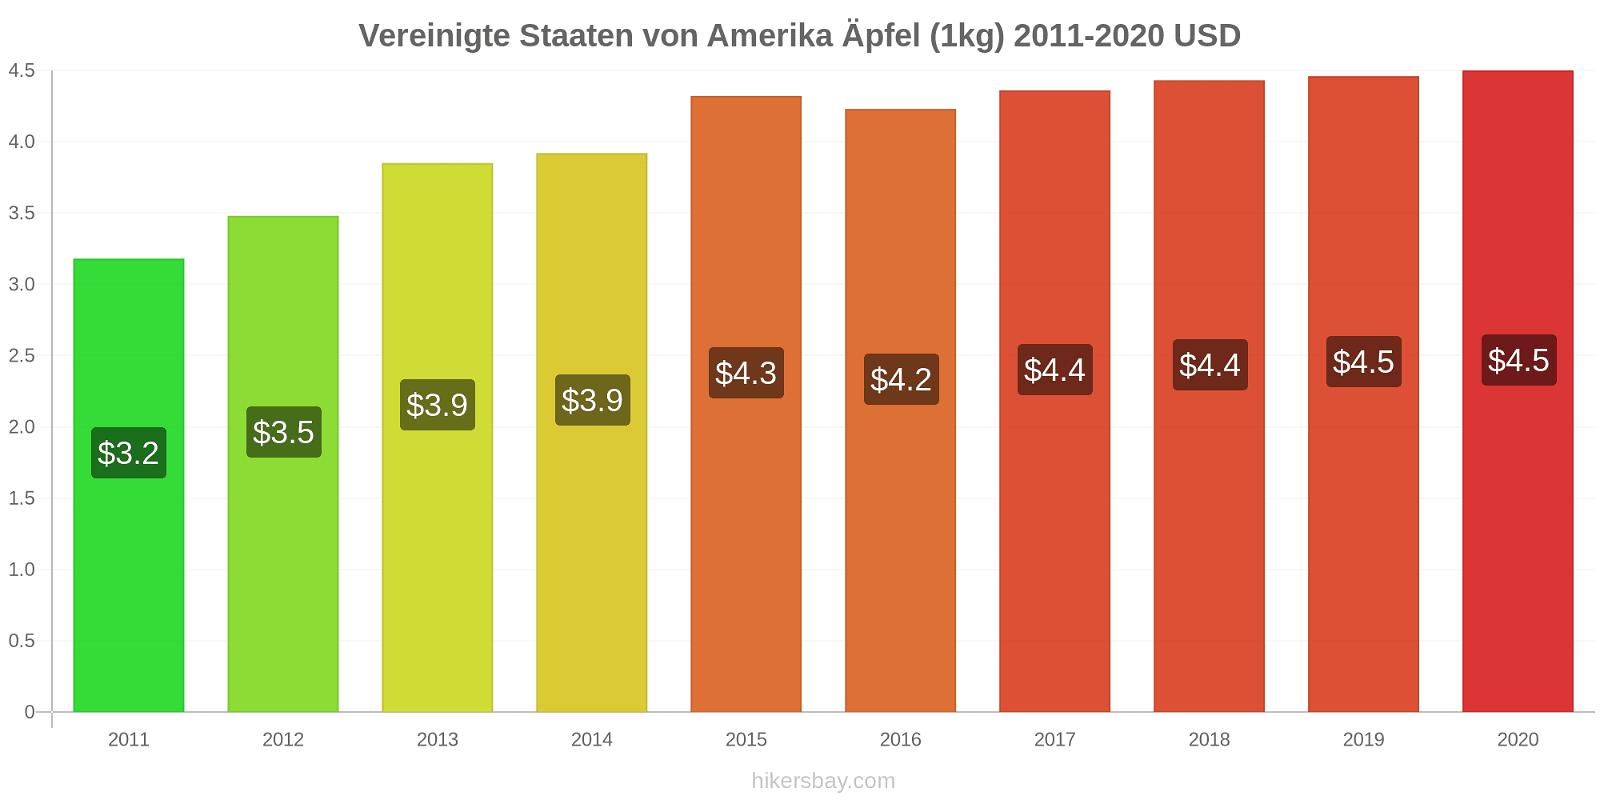 Vereinigte Staaten von Amerika Preisänderungen Äpfel (1kg) hikersbay.com